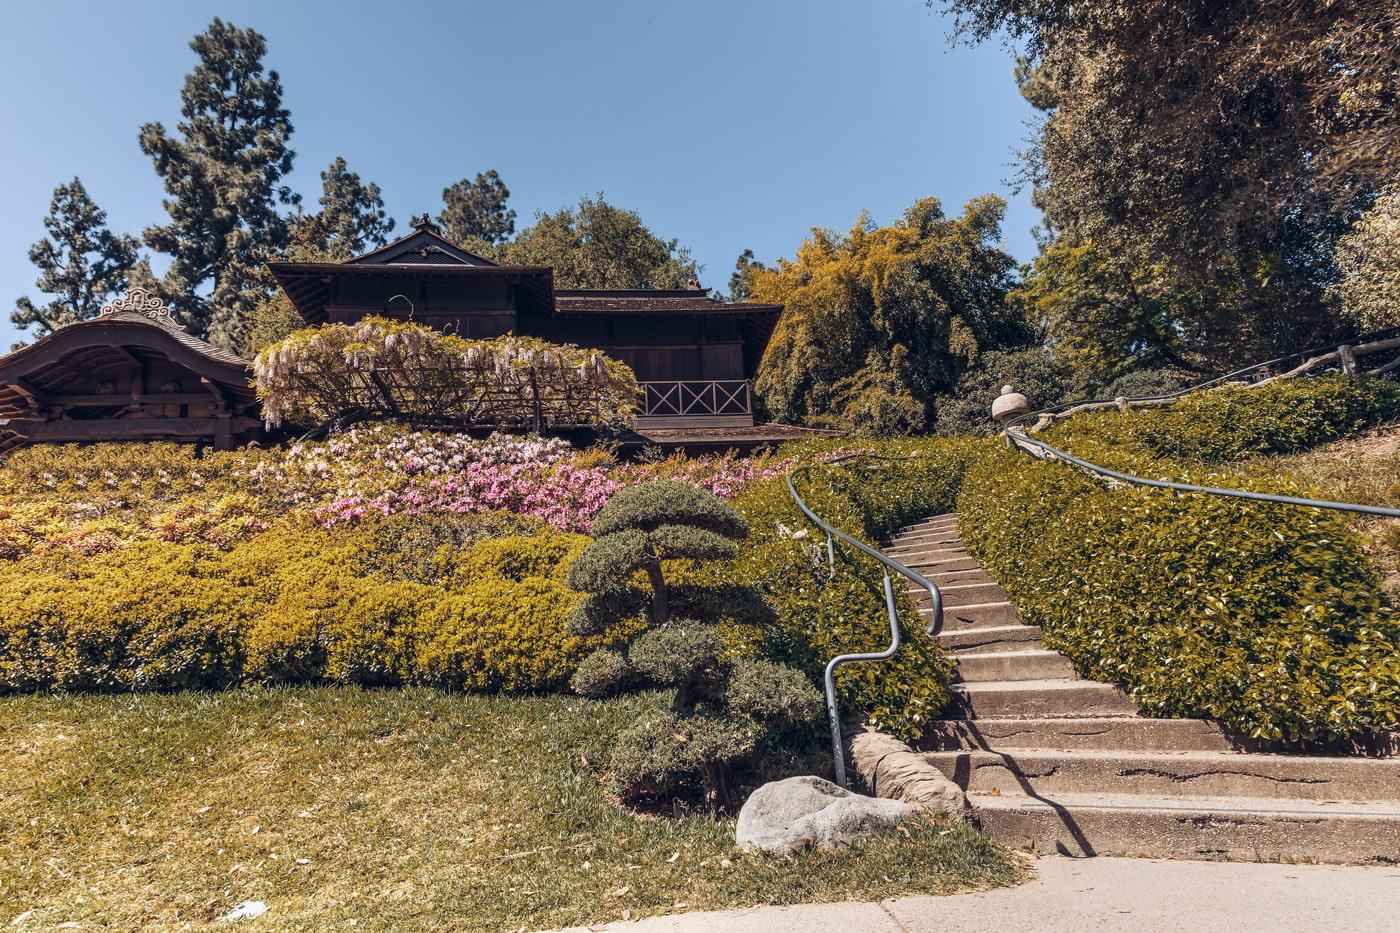 Botanical Gardens at Huntington Library